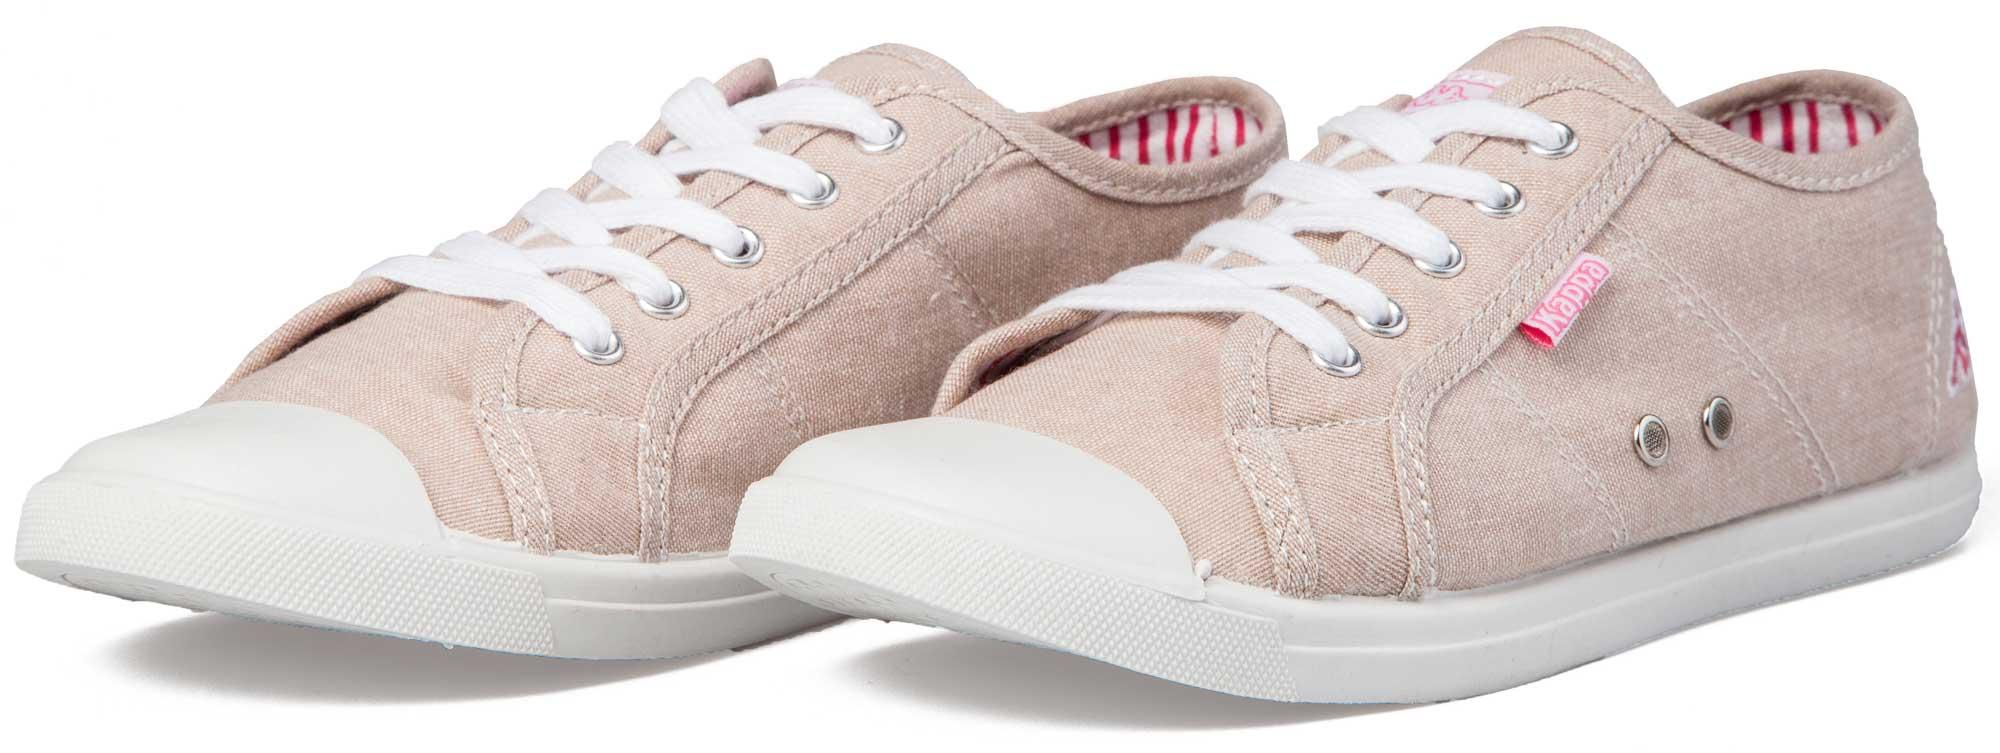 Kappa KEYSY. Dámska voľnočasová obuv 99928022c4a